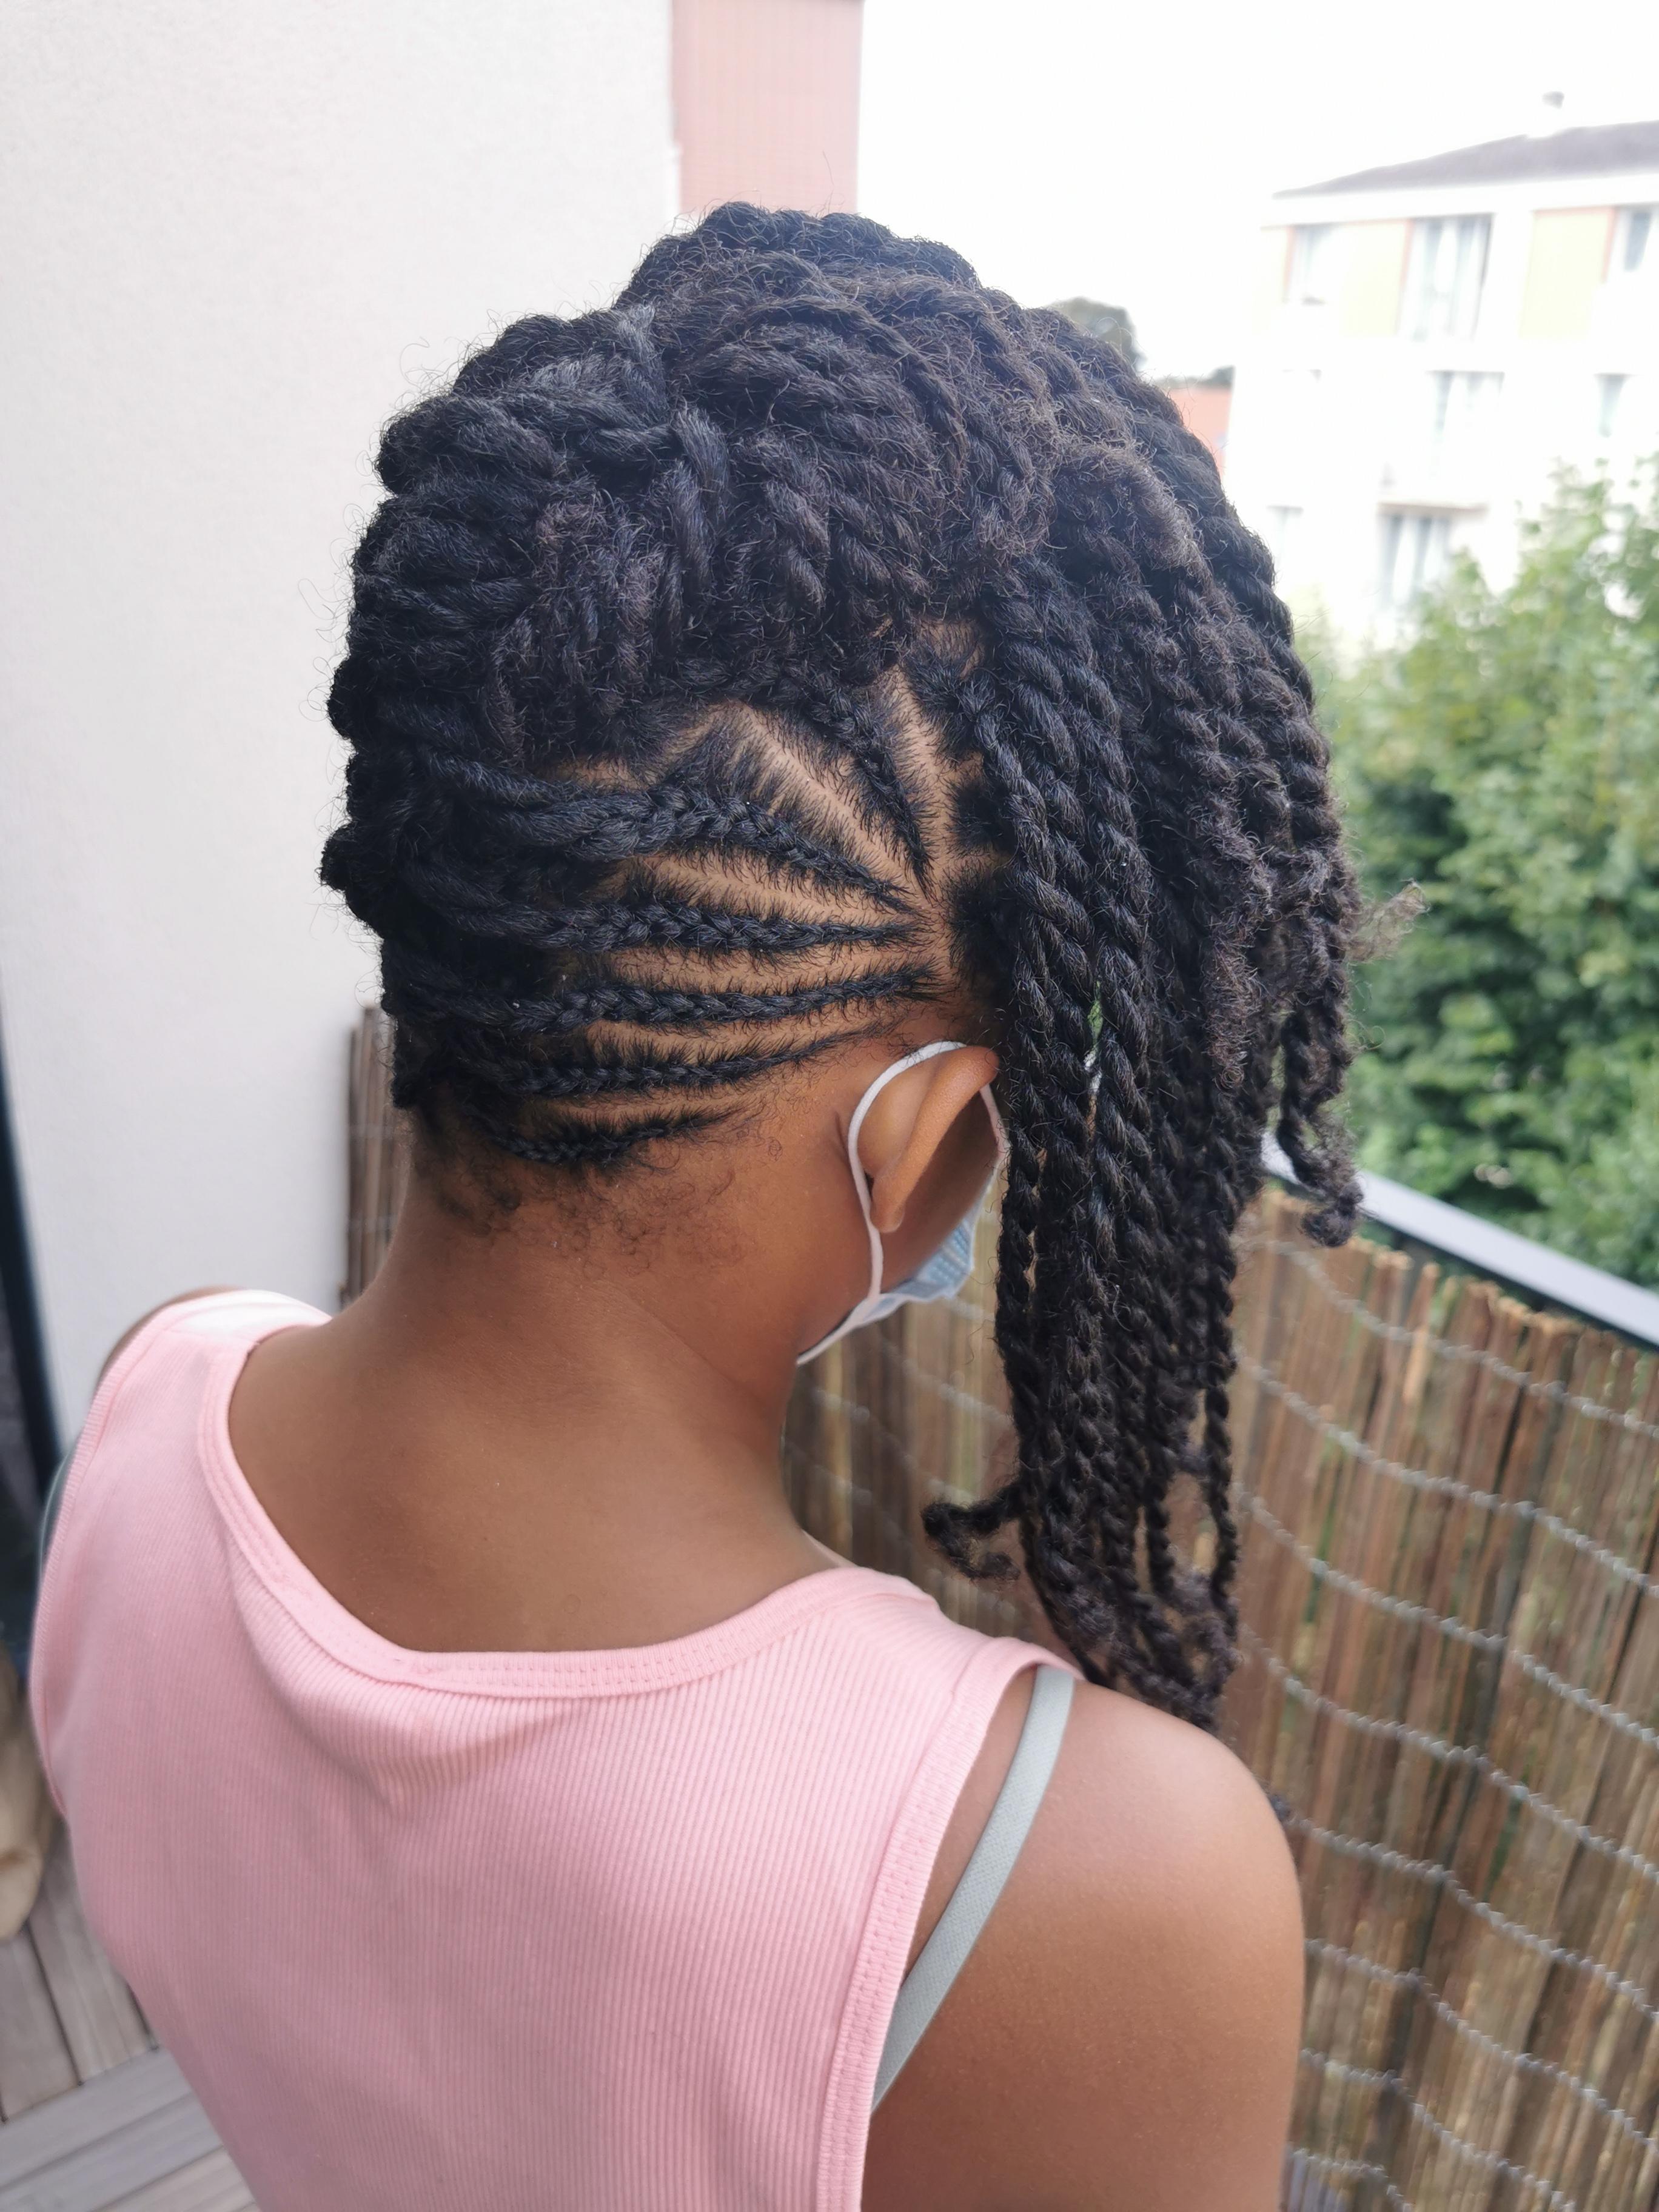 salon de coiffure afro tresse tresses box braids crochet braids vanilles tissages paris 75 77 78 91 92 93 94 95 JETPKTLM